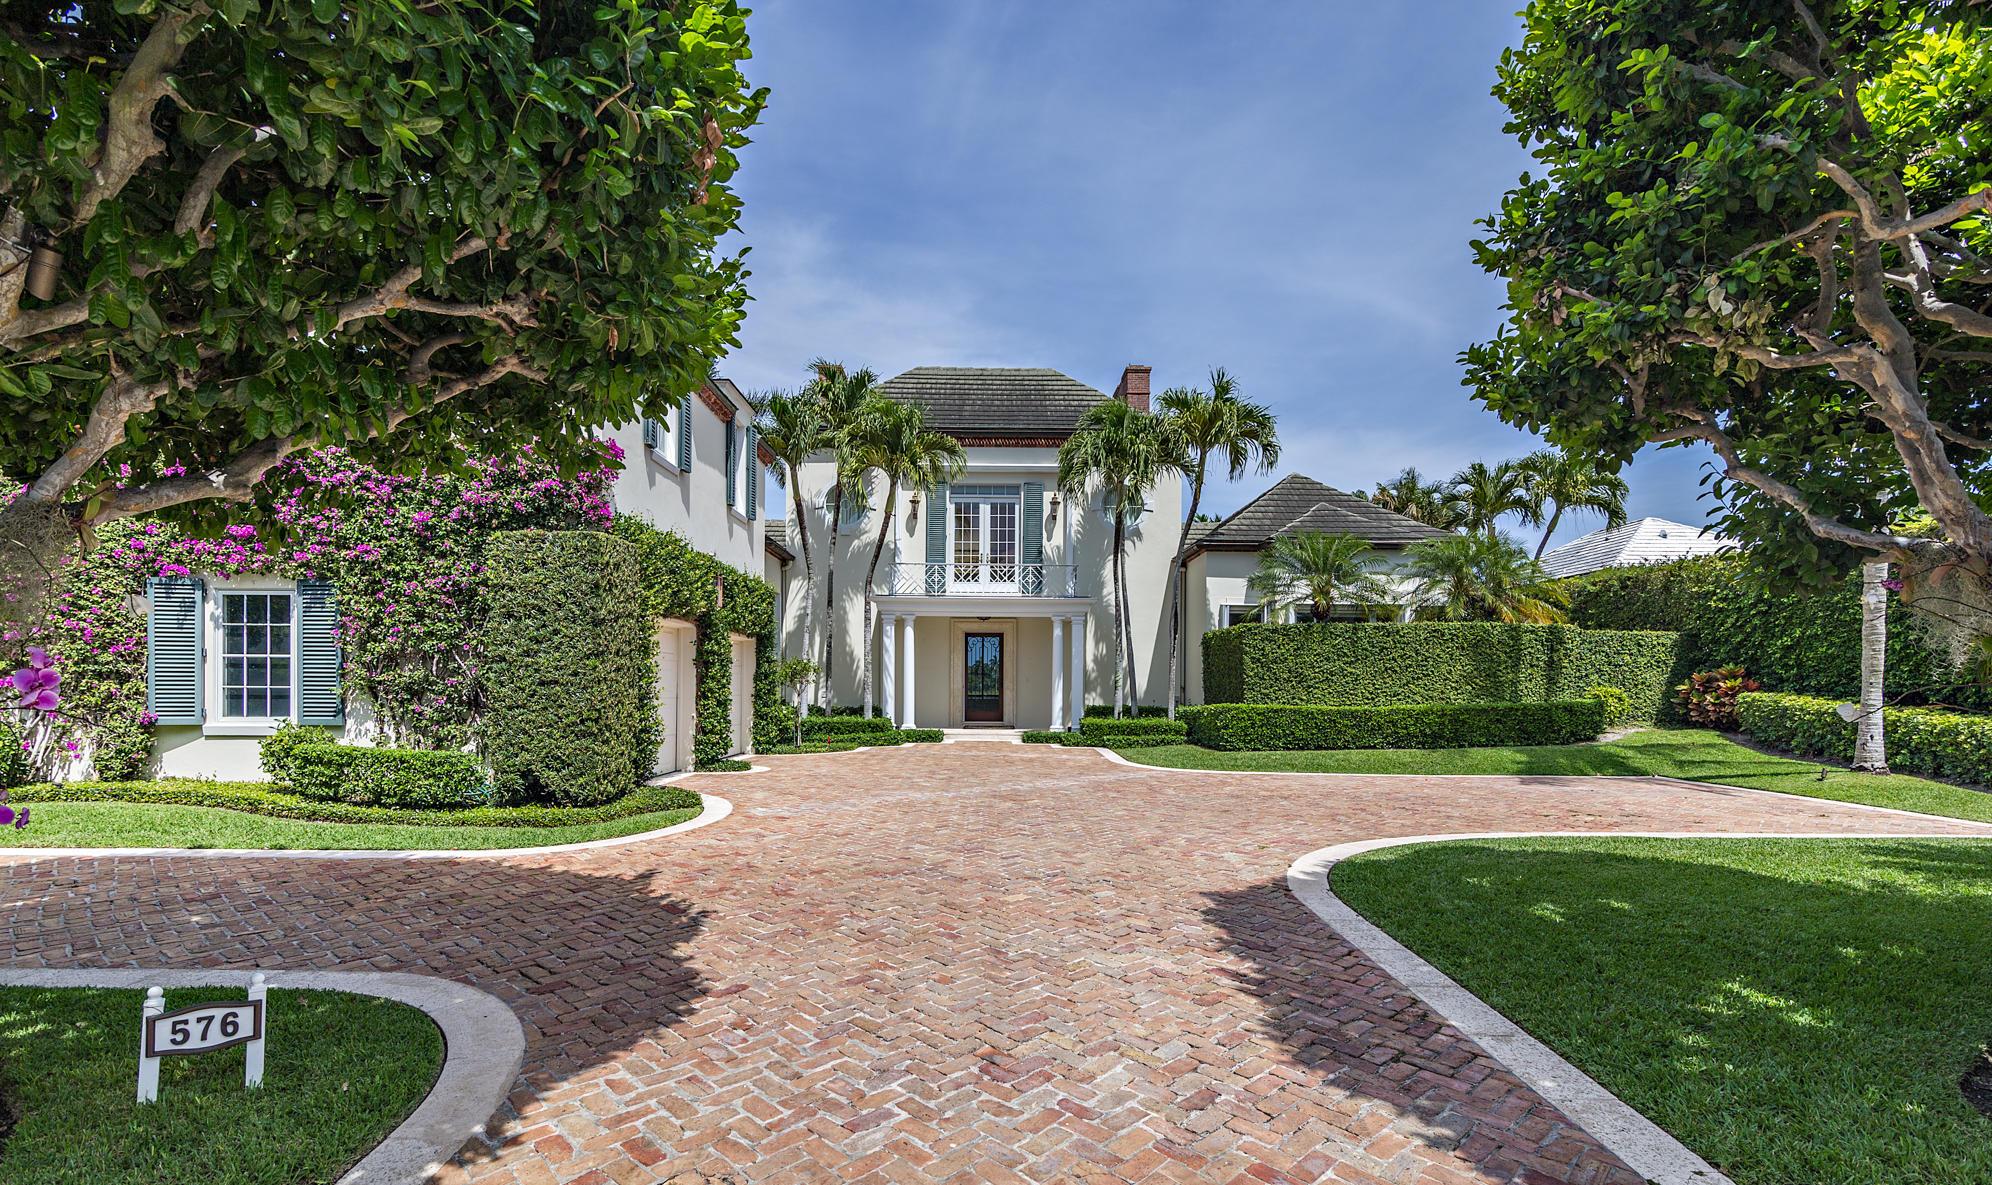 Details for 576 Island Drive, Palm Beach, FL 33480